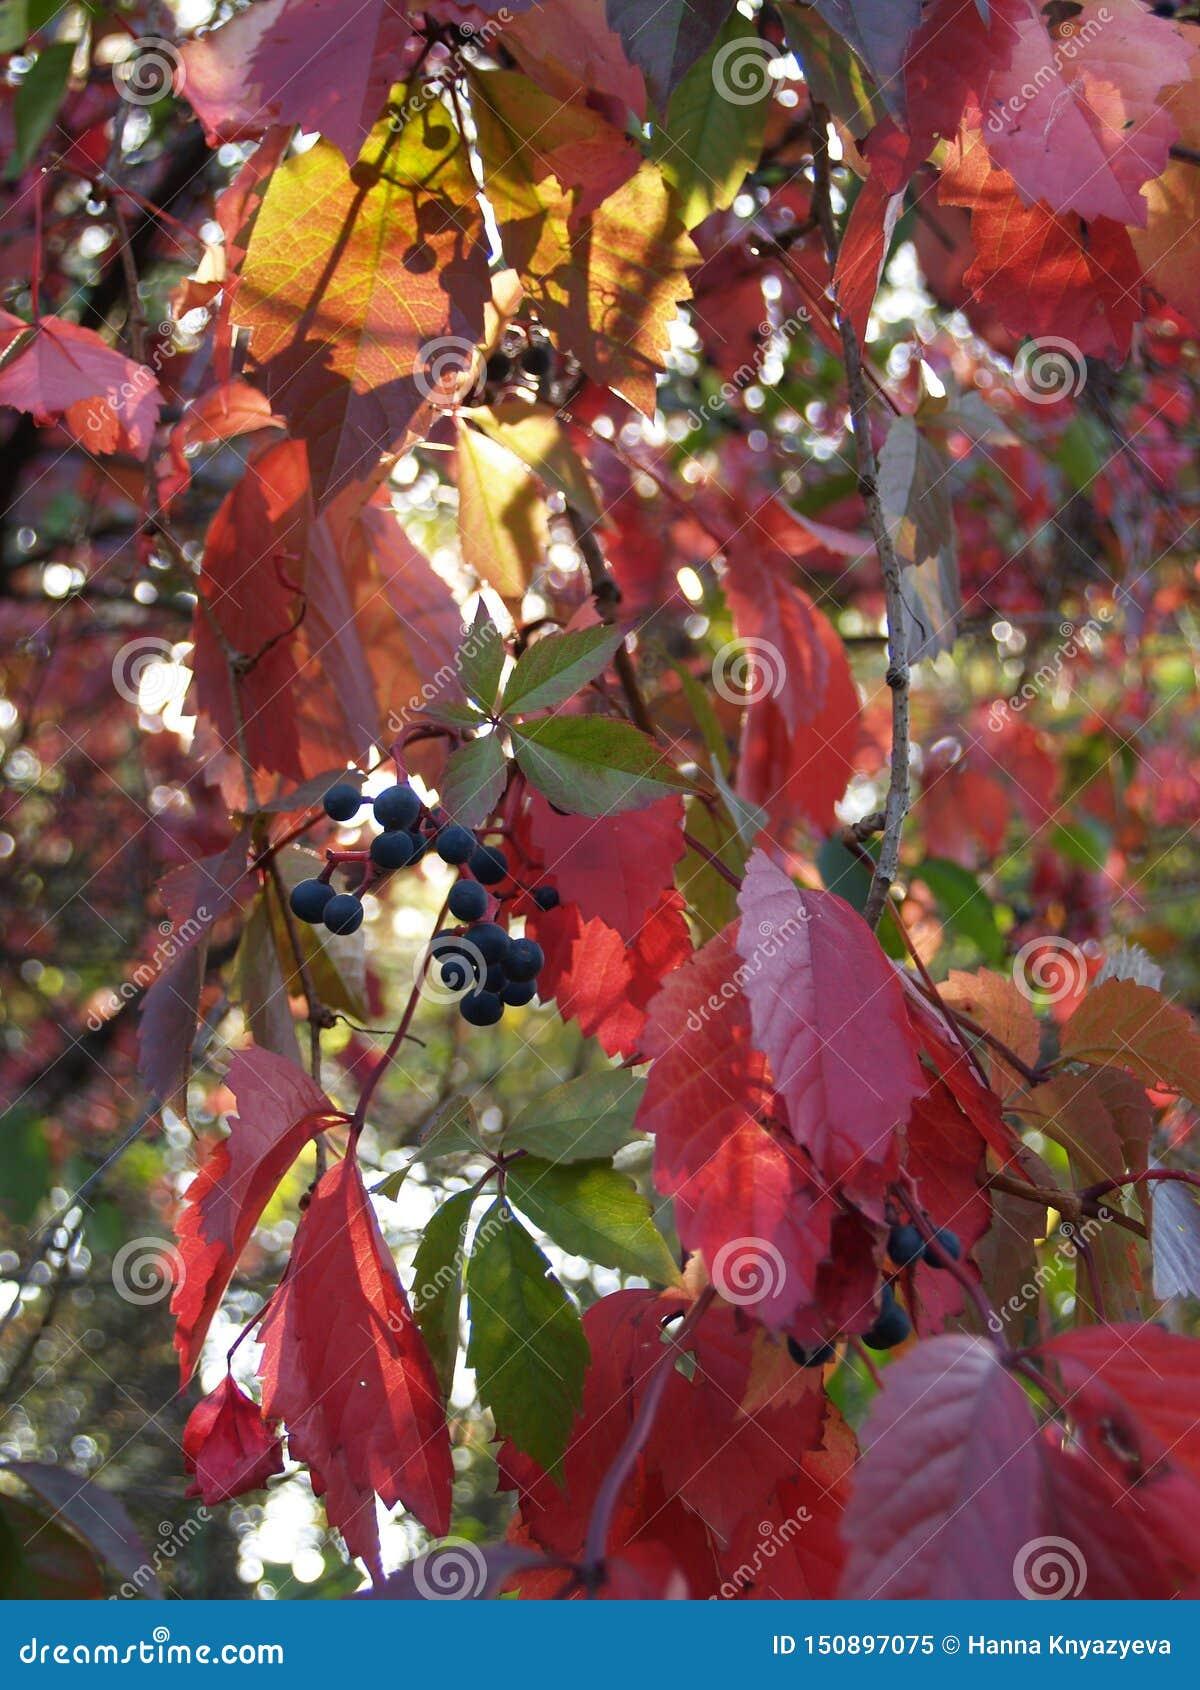 Wild grapes autumn sunset